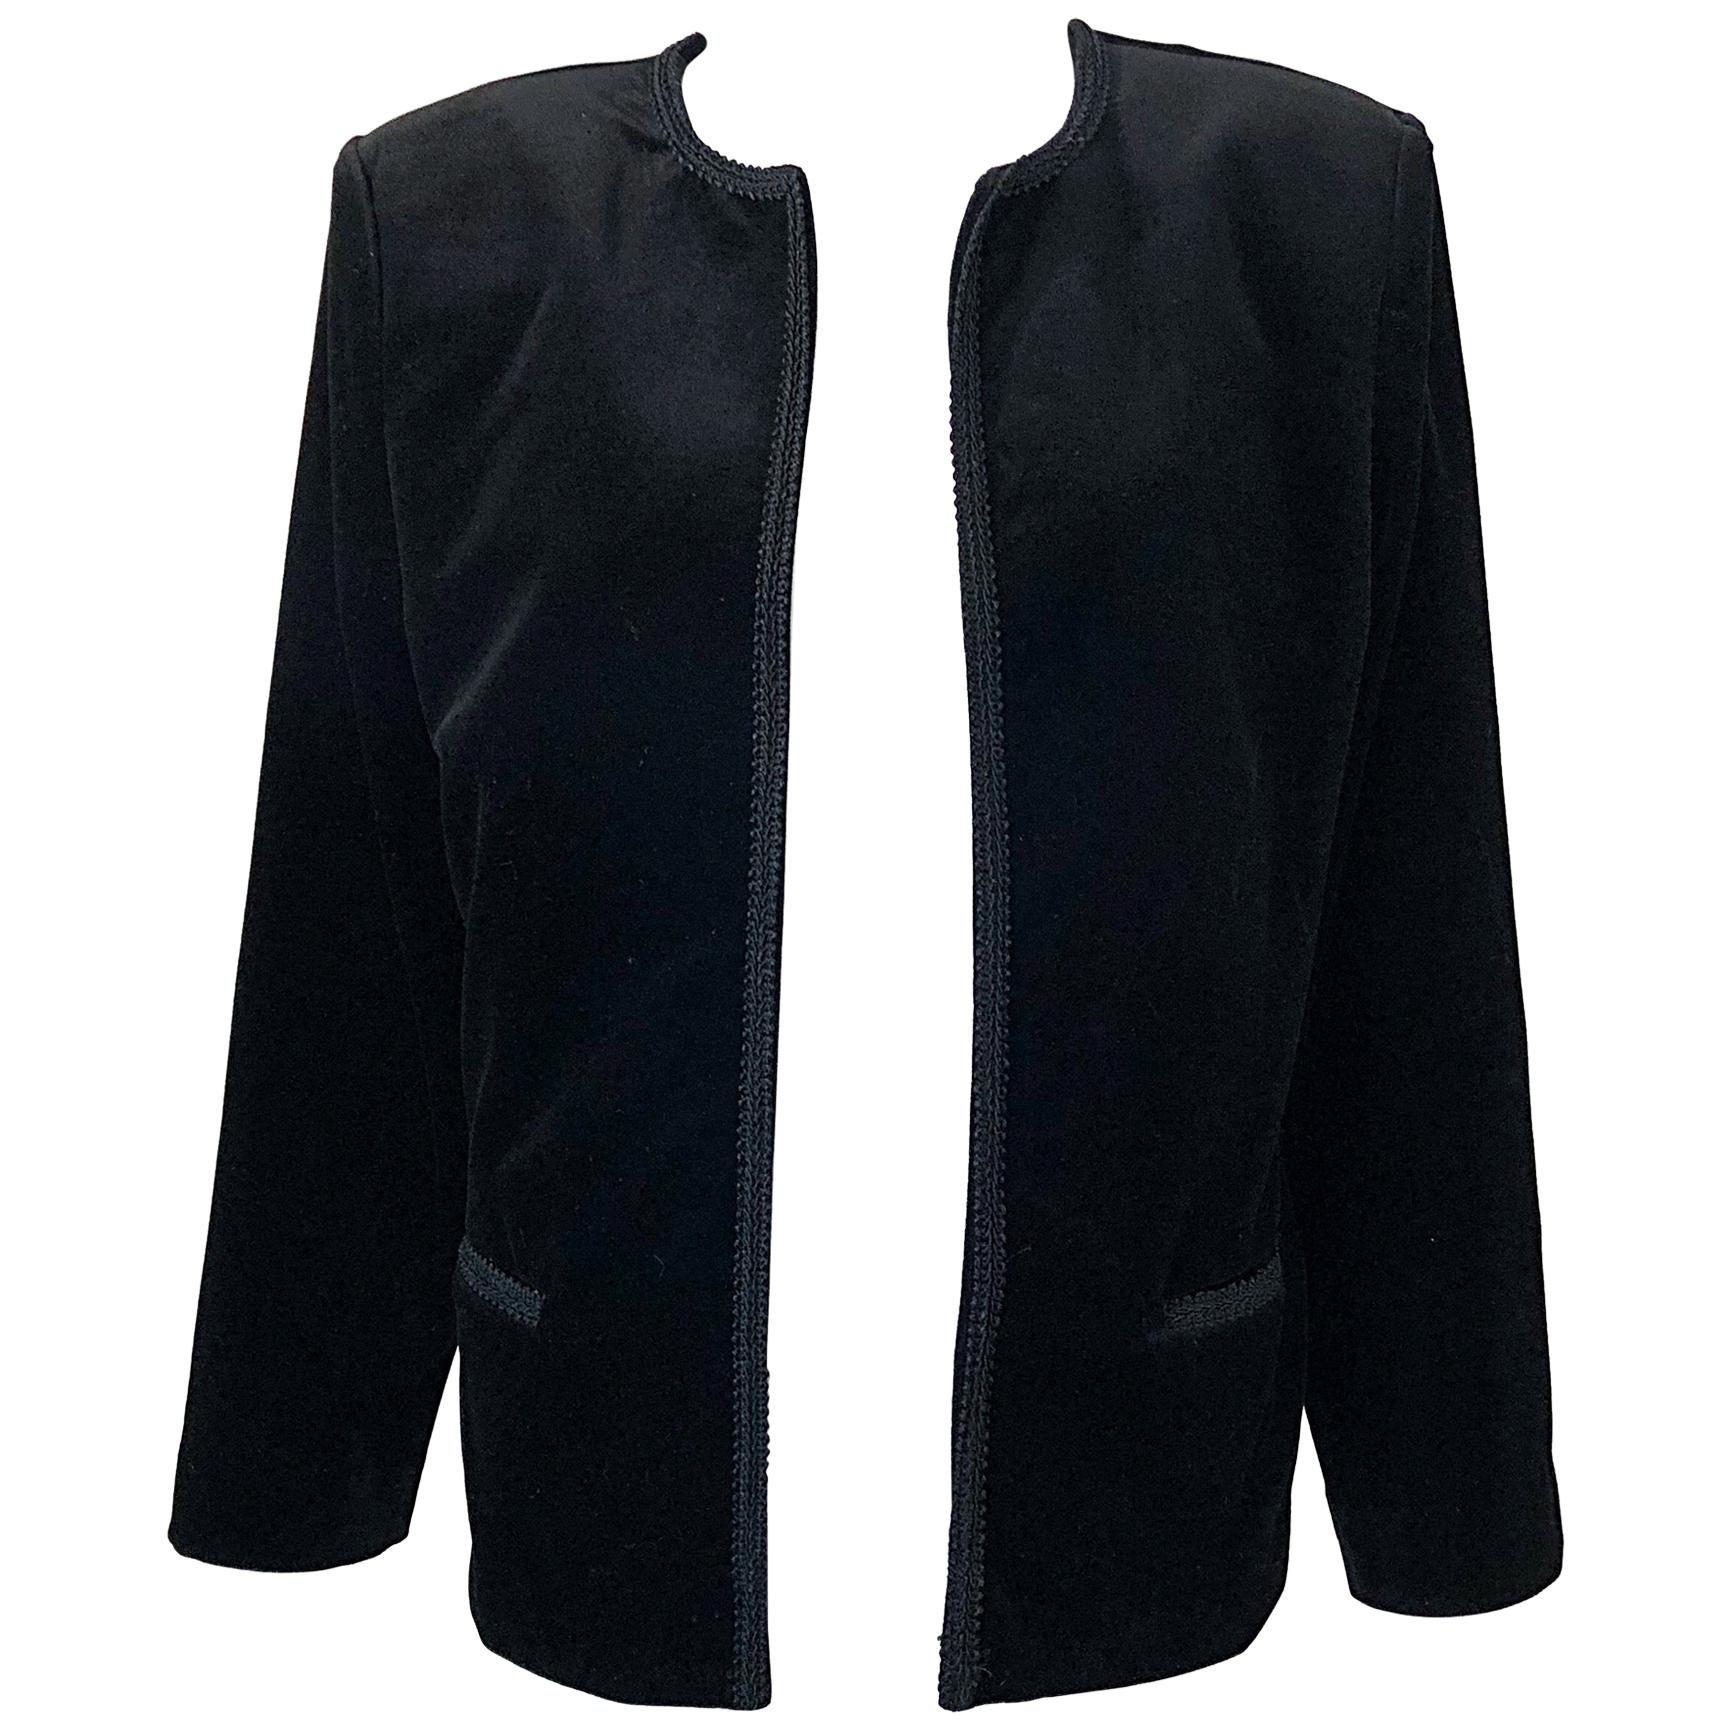 1980s Oscar de la Renta Size 16 Black Velvet Embroidered Vintage 80s Jacket